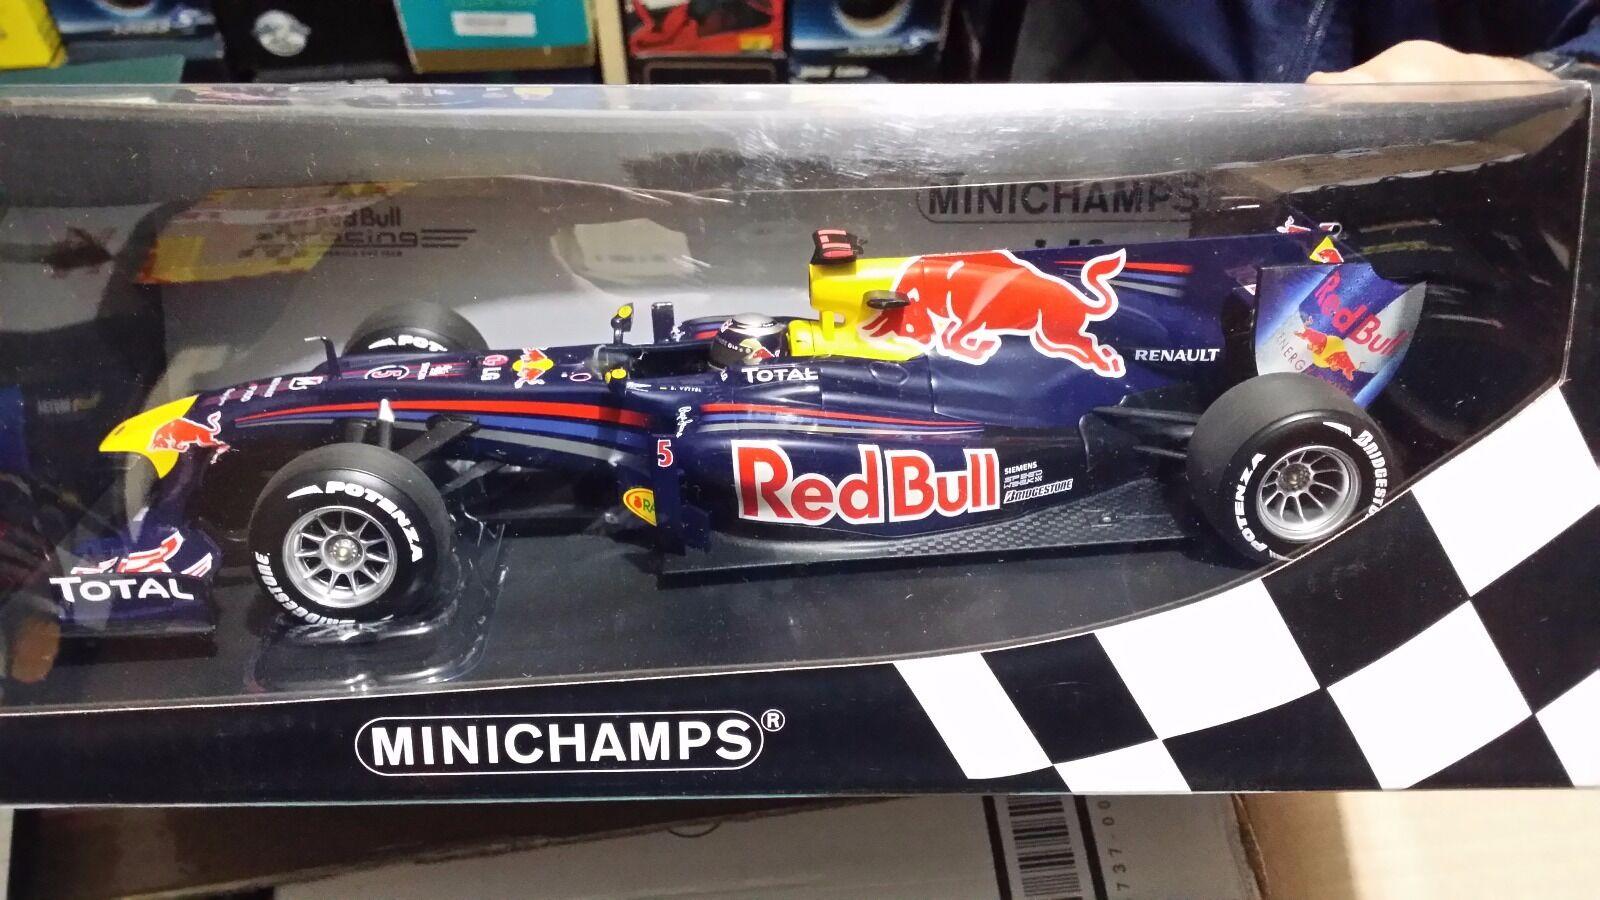 Red Bull Rb-6 (World Champion Vettel) 2010 Minichamps 1:18